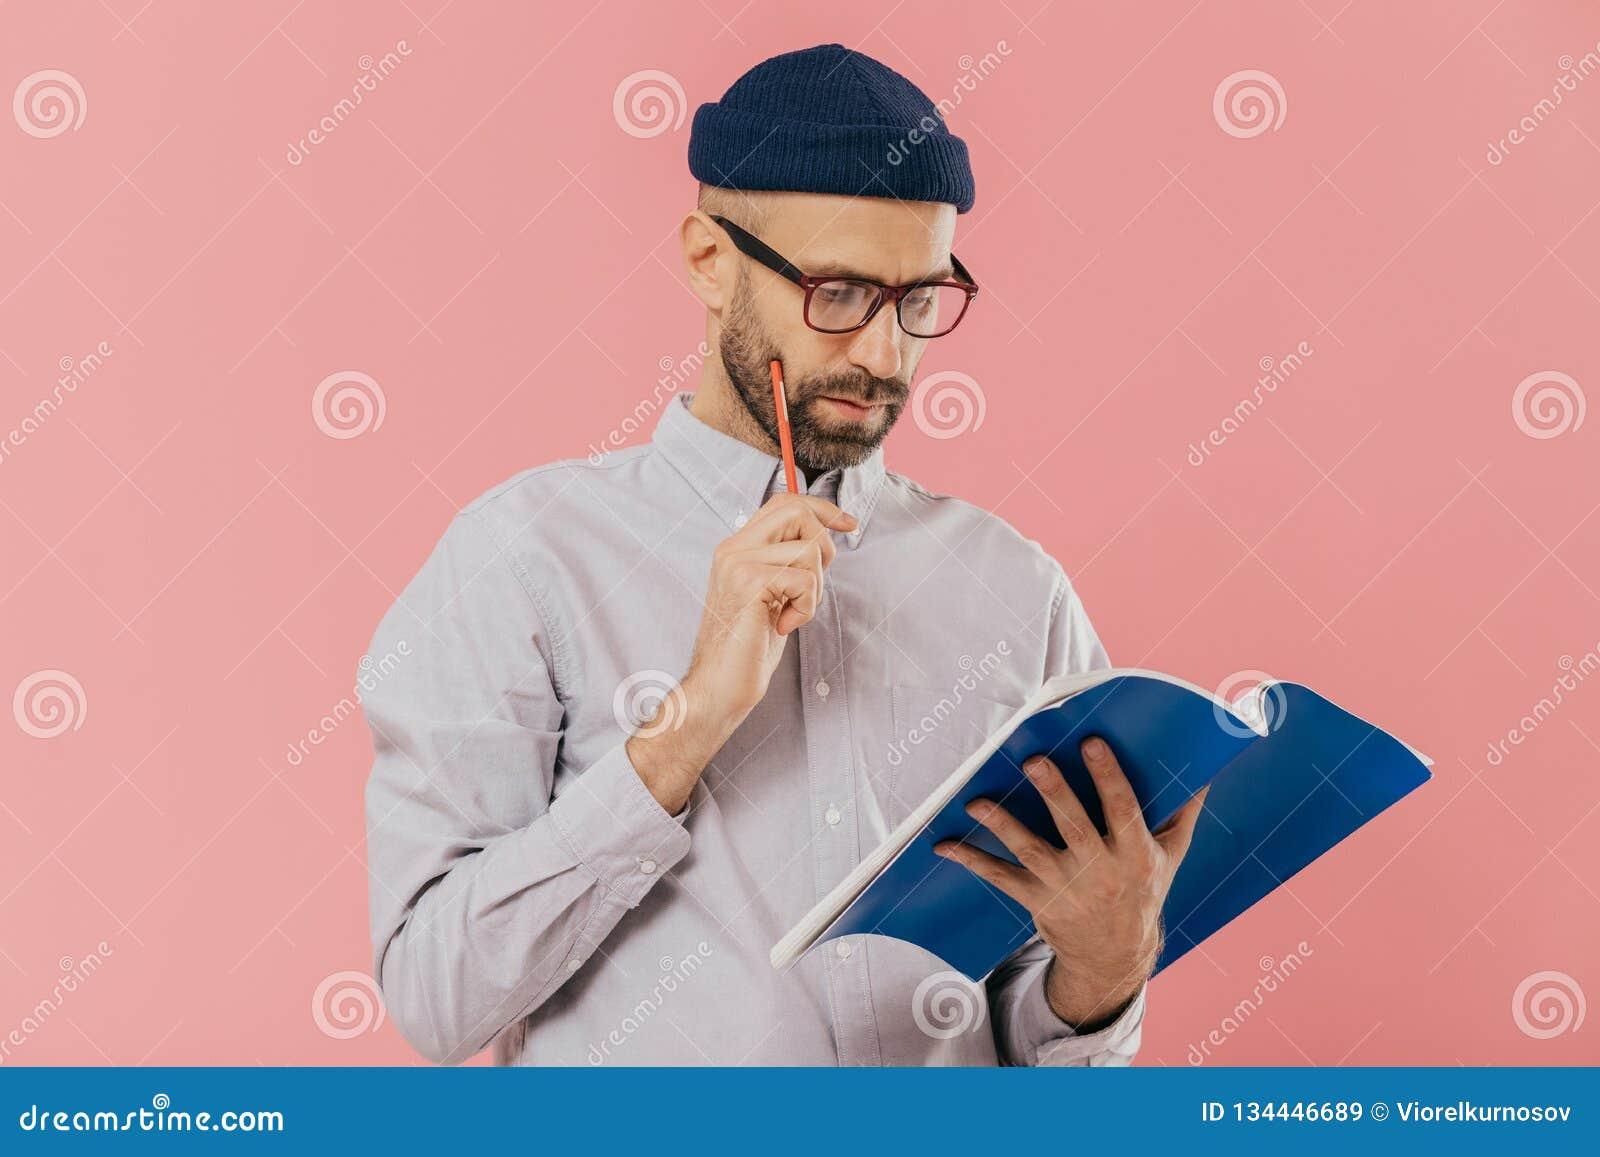 Το συγκεντρωμένο αξύριστο ενήλικο άτομο κρατά το μπλε εγχειρίδιο και το μολύβι, διαβάζει τις απαραίτητες πληροφορίες, έχει τη σοβ